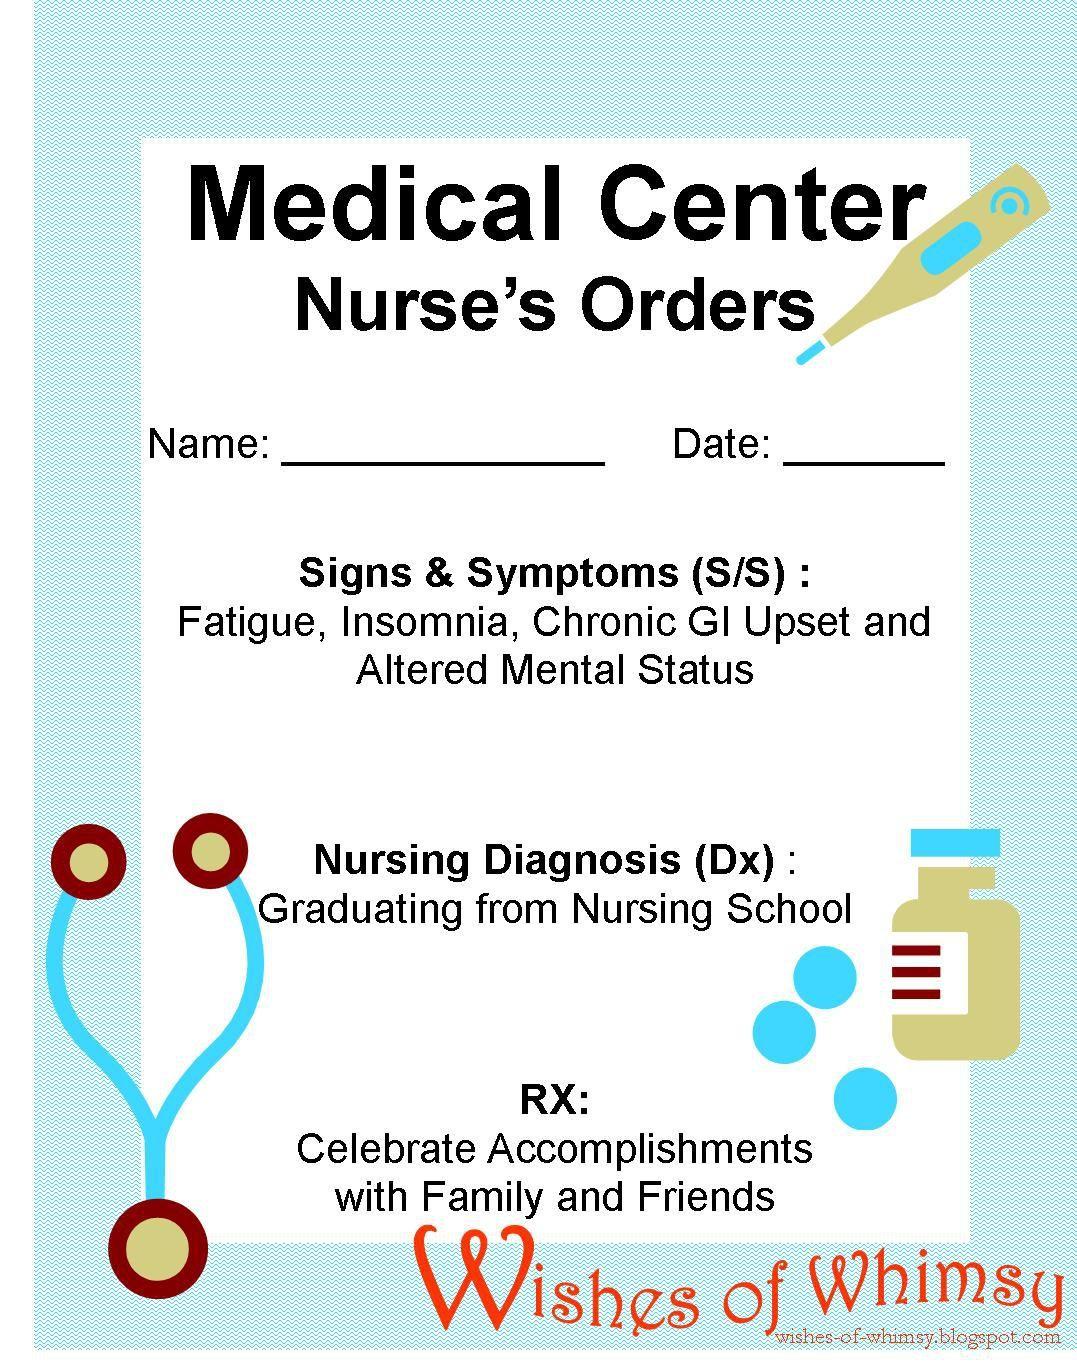 wording for nursing pinning ceremony invitations | Invitations ...